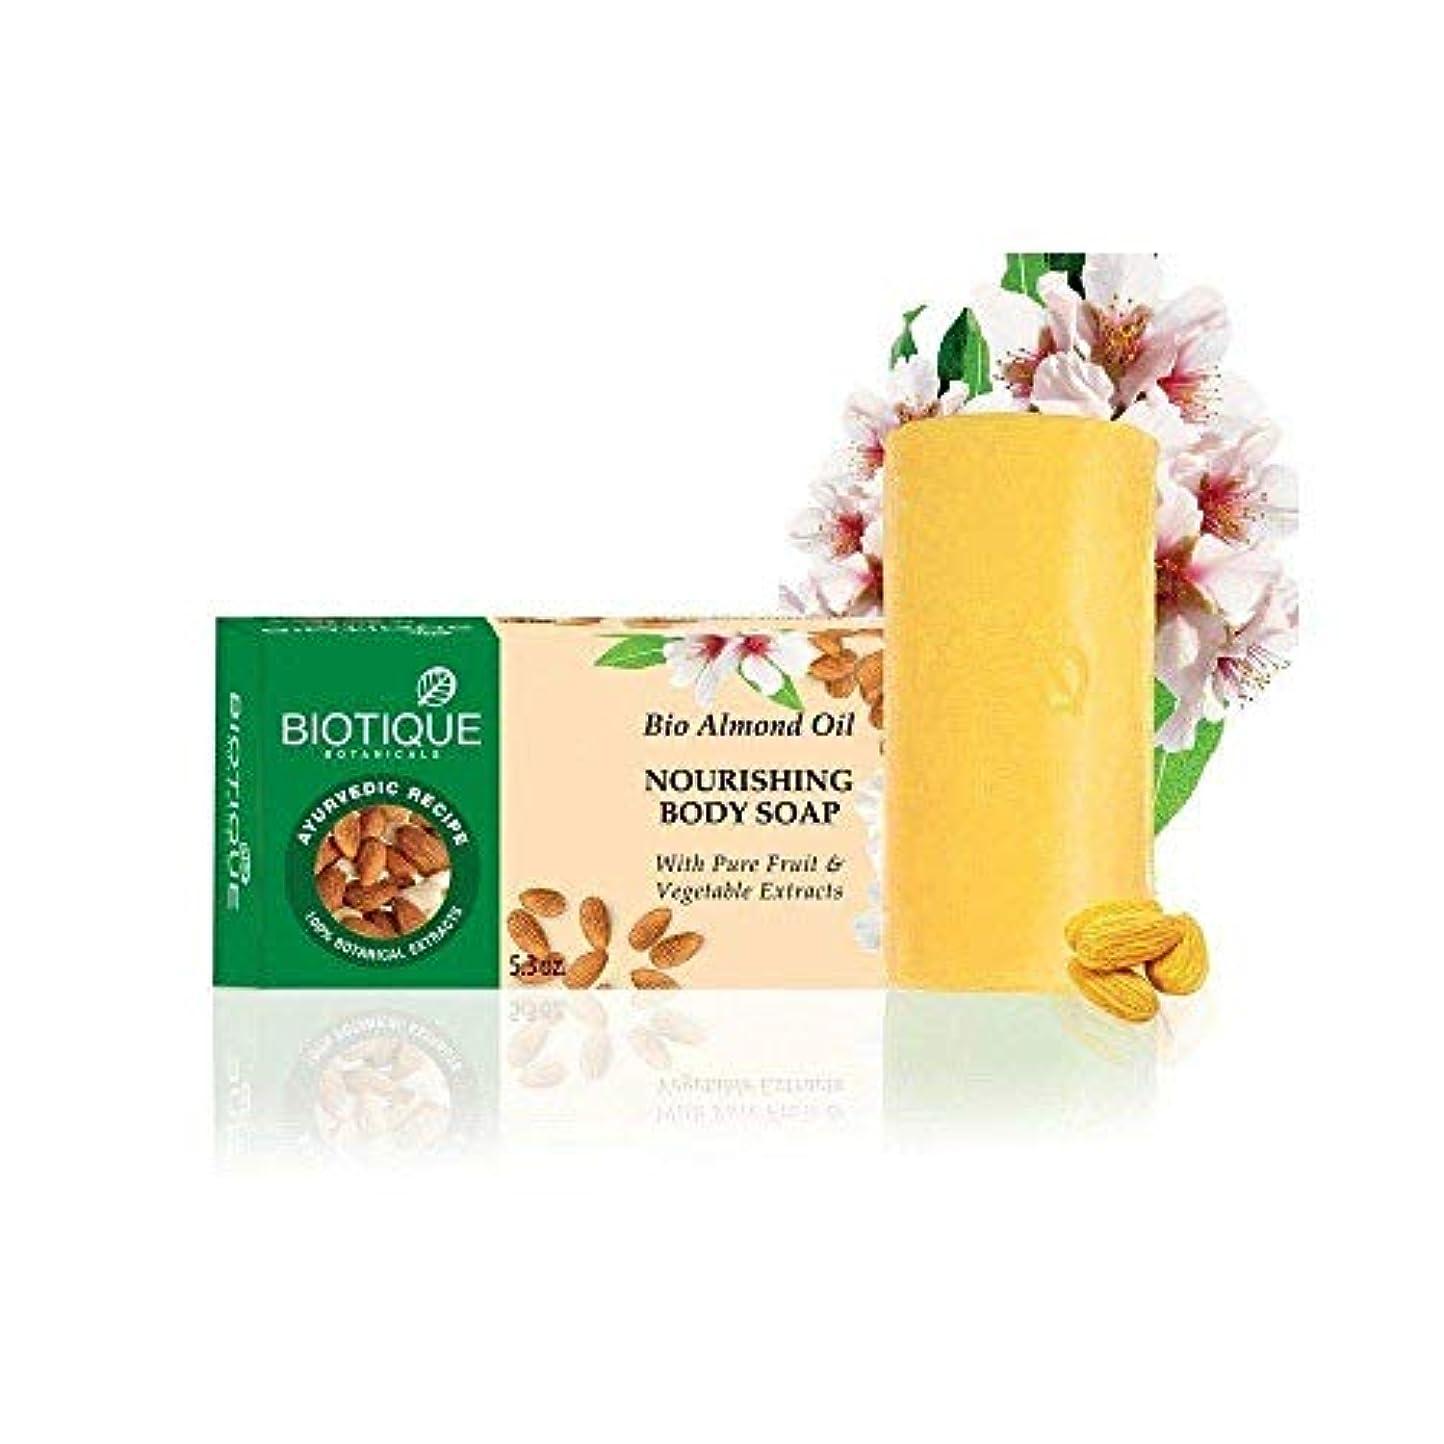 イサカ絶壁ロマンチックBiotique Bio Almond Oil Nourishing Body Soap - 150g (Pack of 2) wash Impurities Biotique Bio Almond Oilナリッシングボディソープ...